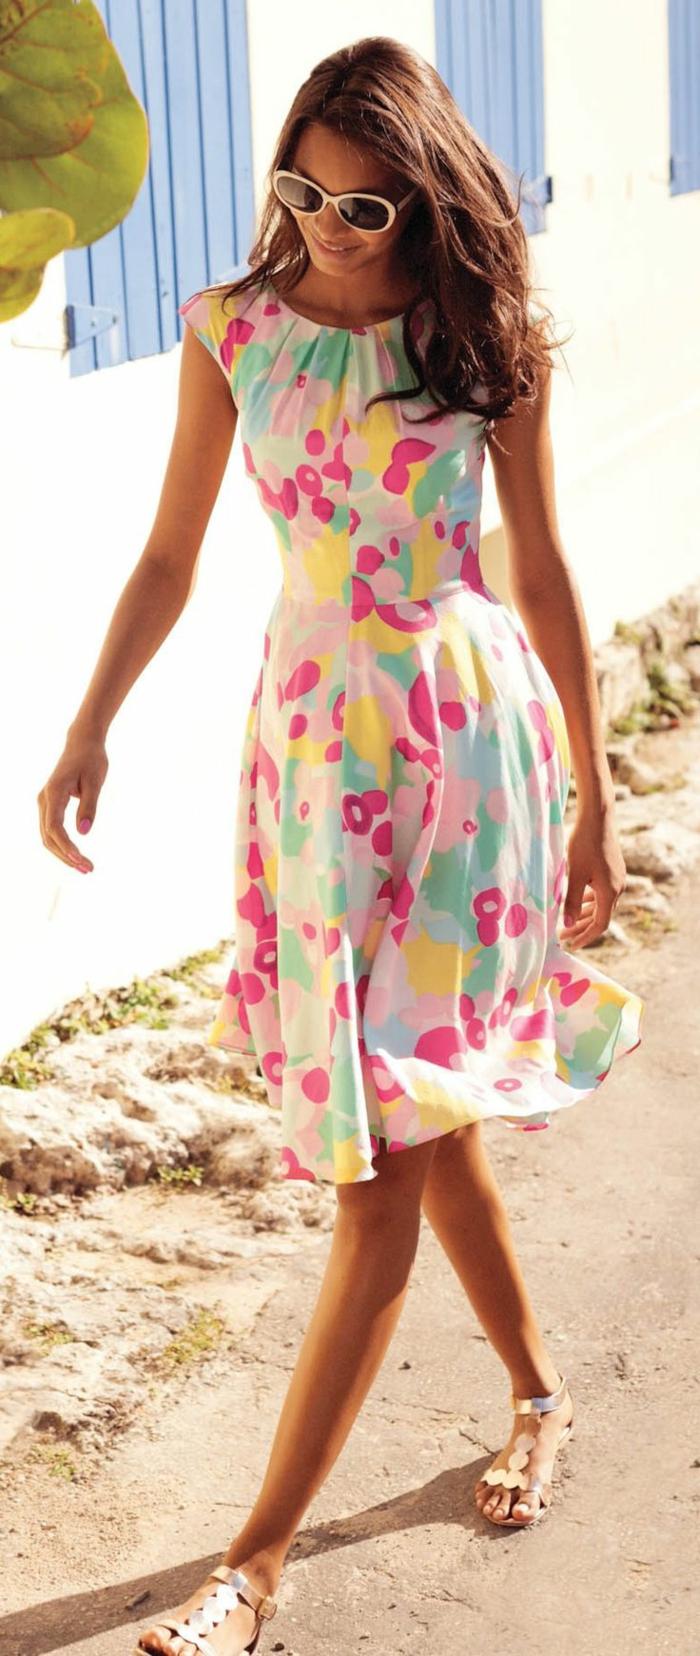 1-jolie-robe-d-été-colorée-lunettes-de-soleil-fille-marche-sur-la-rue